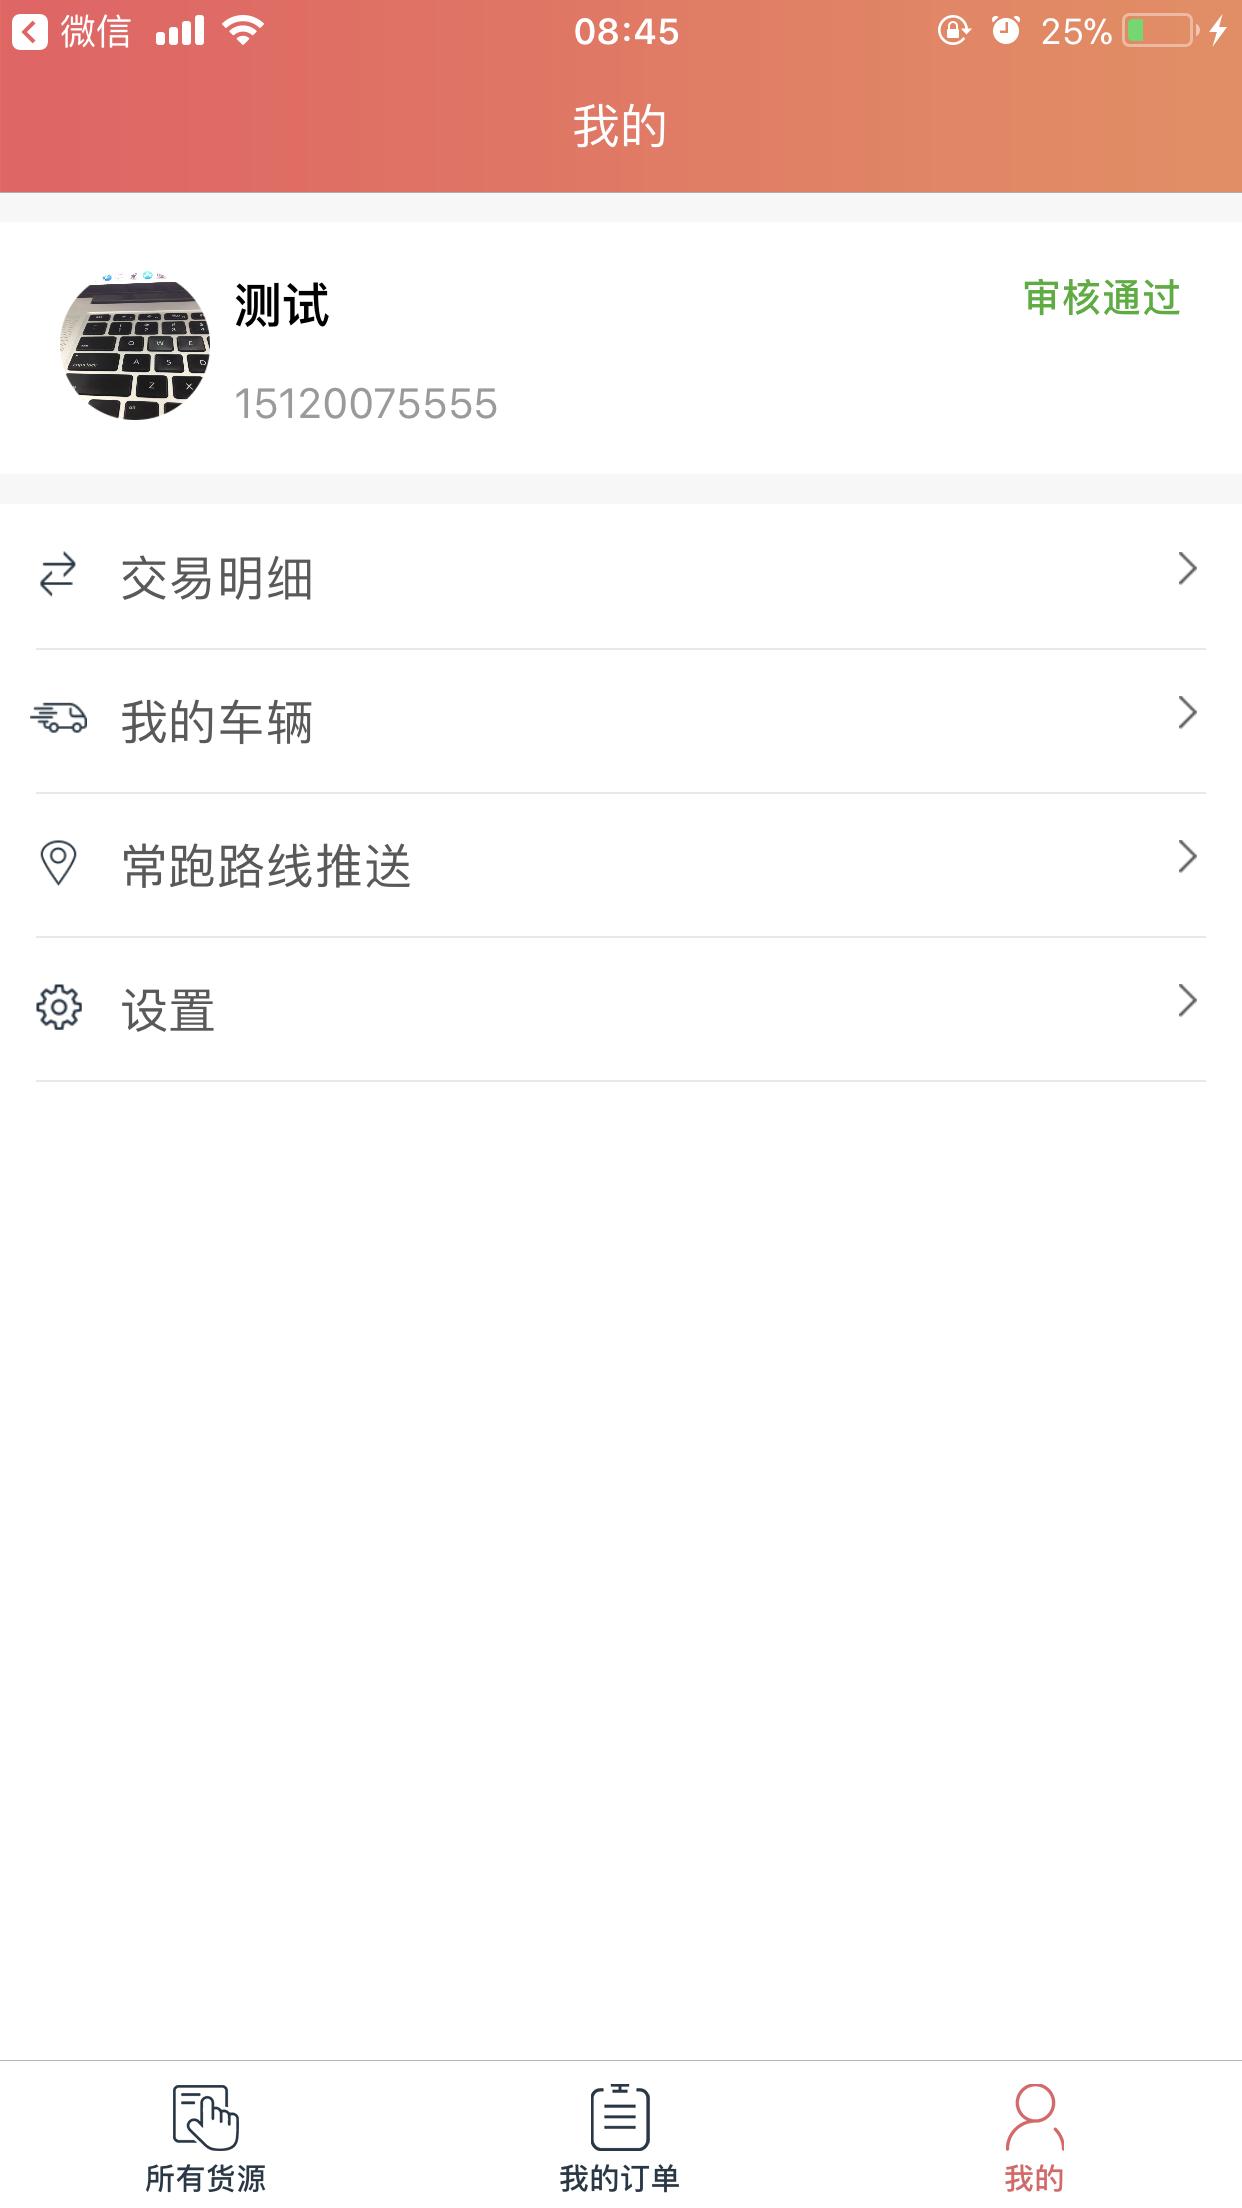 168运友物流 V2.9.1 安卓版截图3